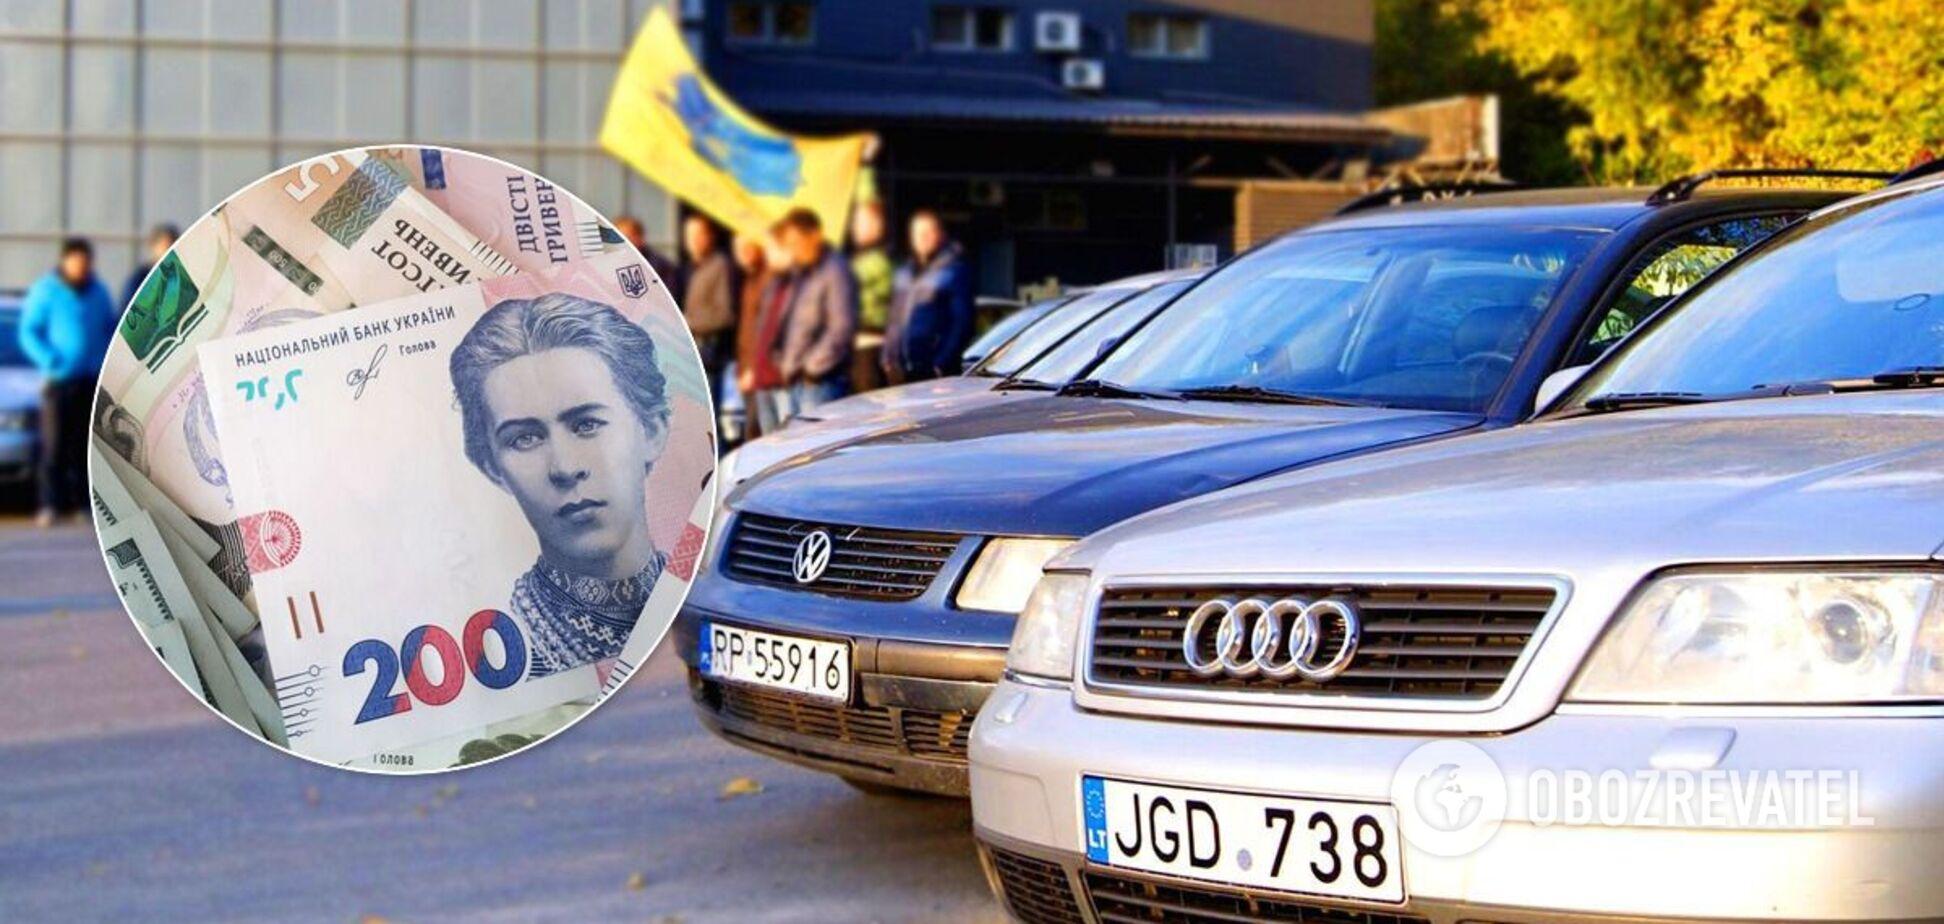 За євробляхи в Україні штрафують на 34 тис. грн